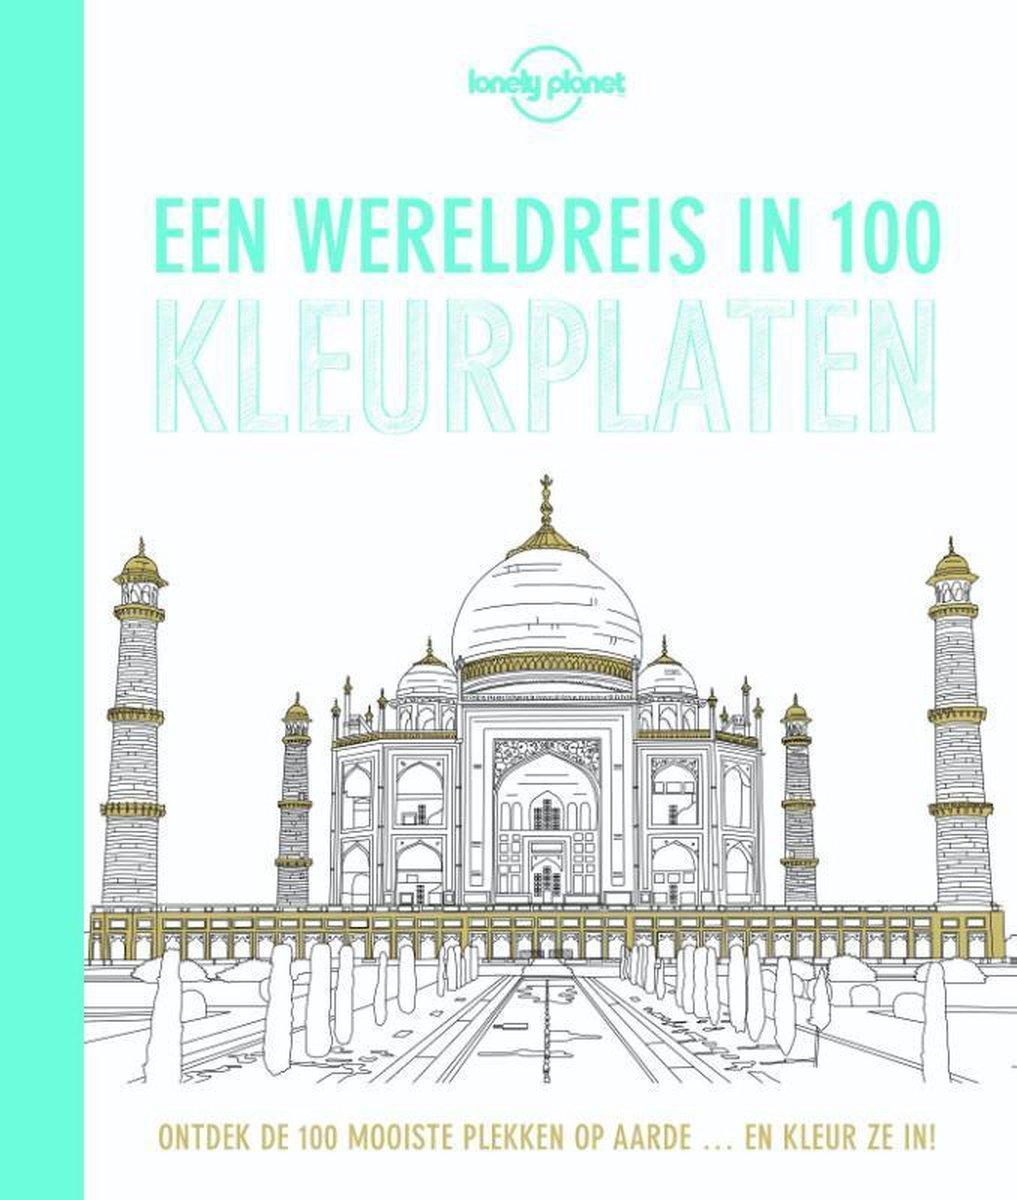 Bol Com Een Wereldreis In 100 Kleurplaten Lonely Planet 9789045209777 Boeken